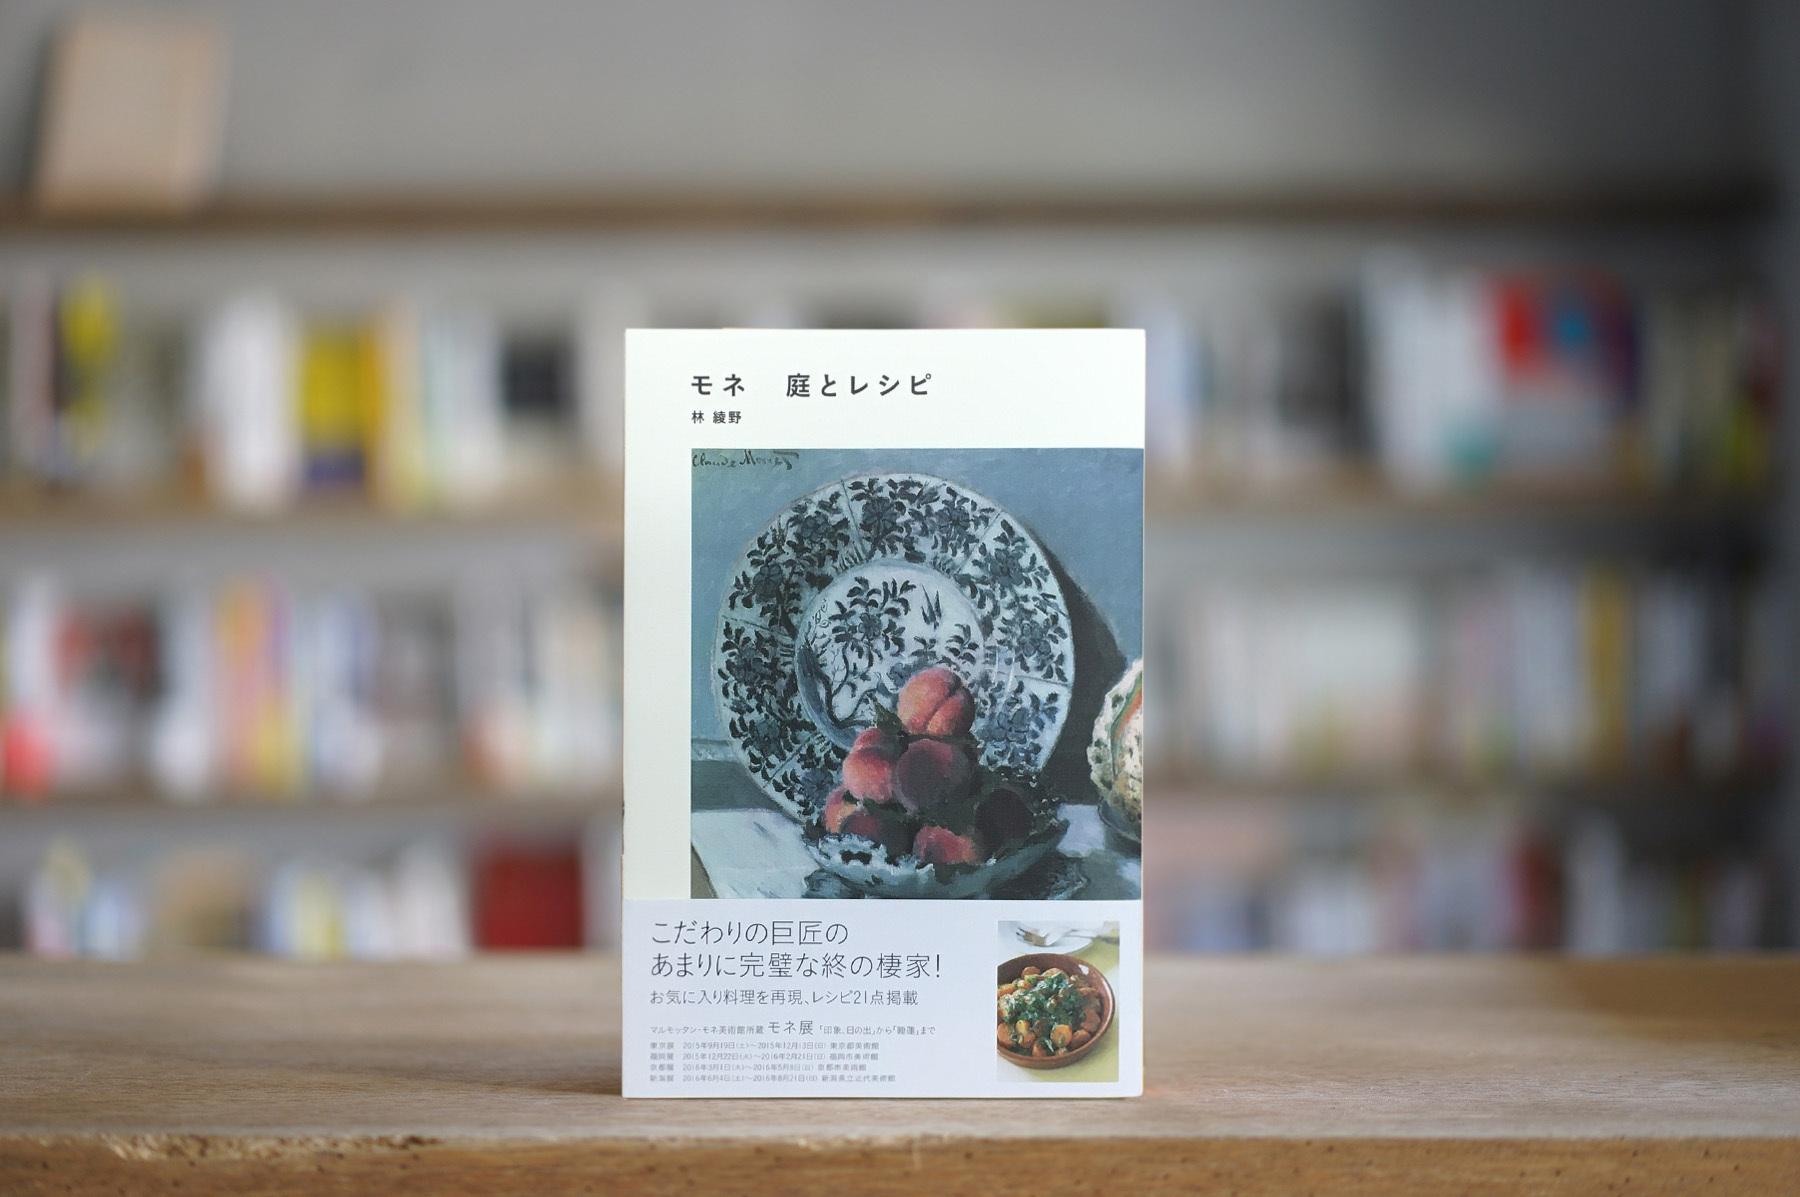 林綾野 『モネ 庭とレシピ』 (講談社、2011)